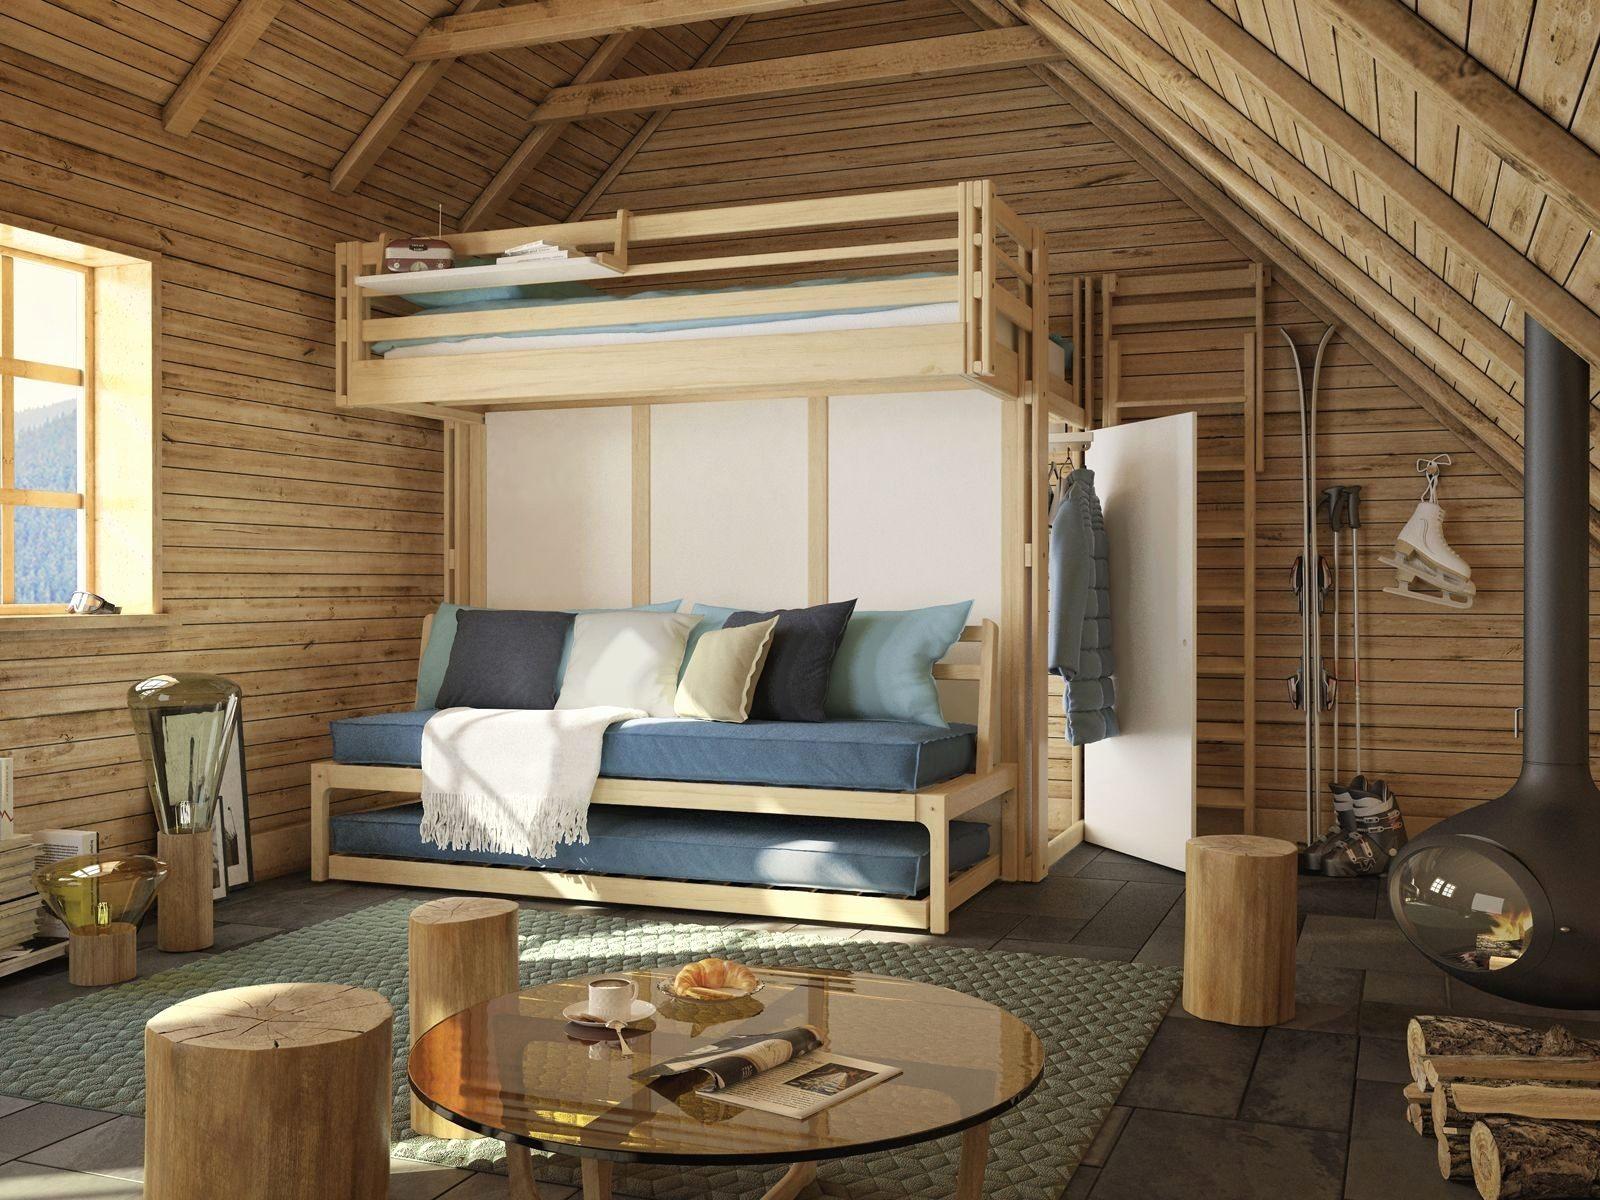 Lit Mezzanine 1 Place Magnifique Lit Mezzanine 1 Place Blanc Unique Lit Mezzanine 3 Places Ikea